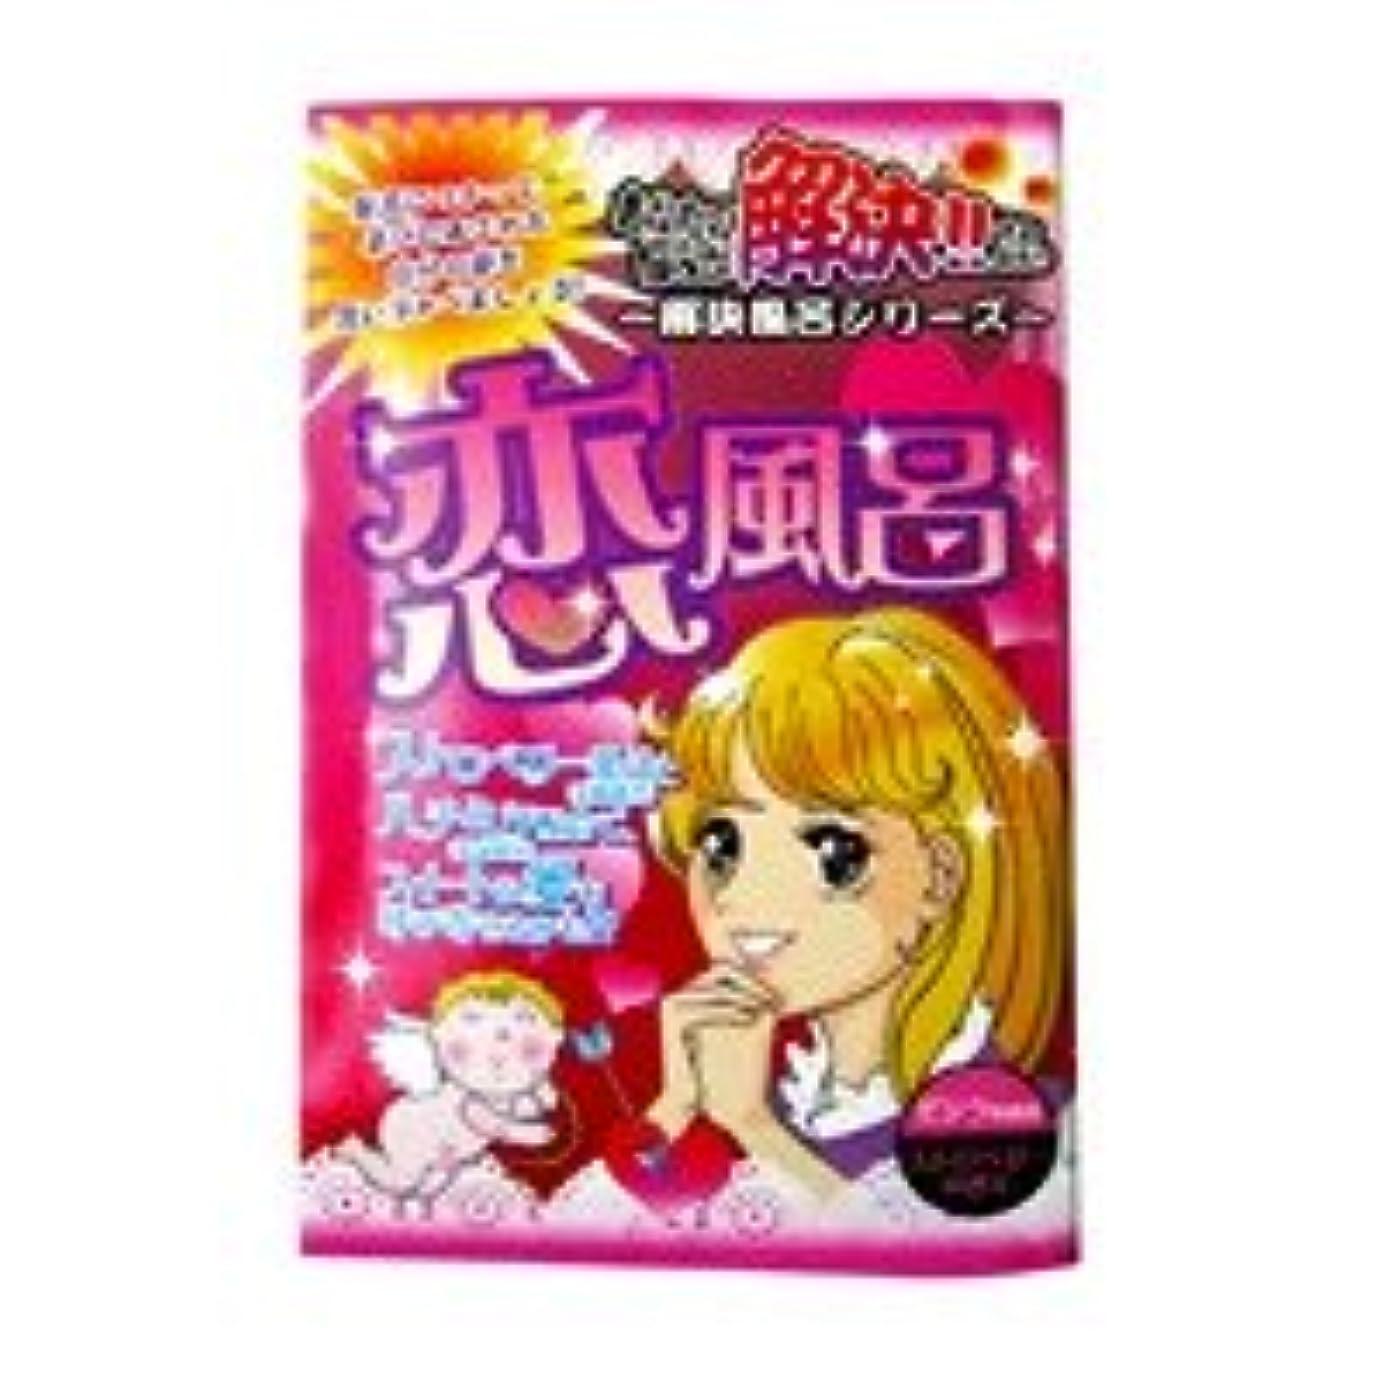 バスパウダー 恋風呂 ピンクのお湯/ストロベリーの香り